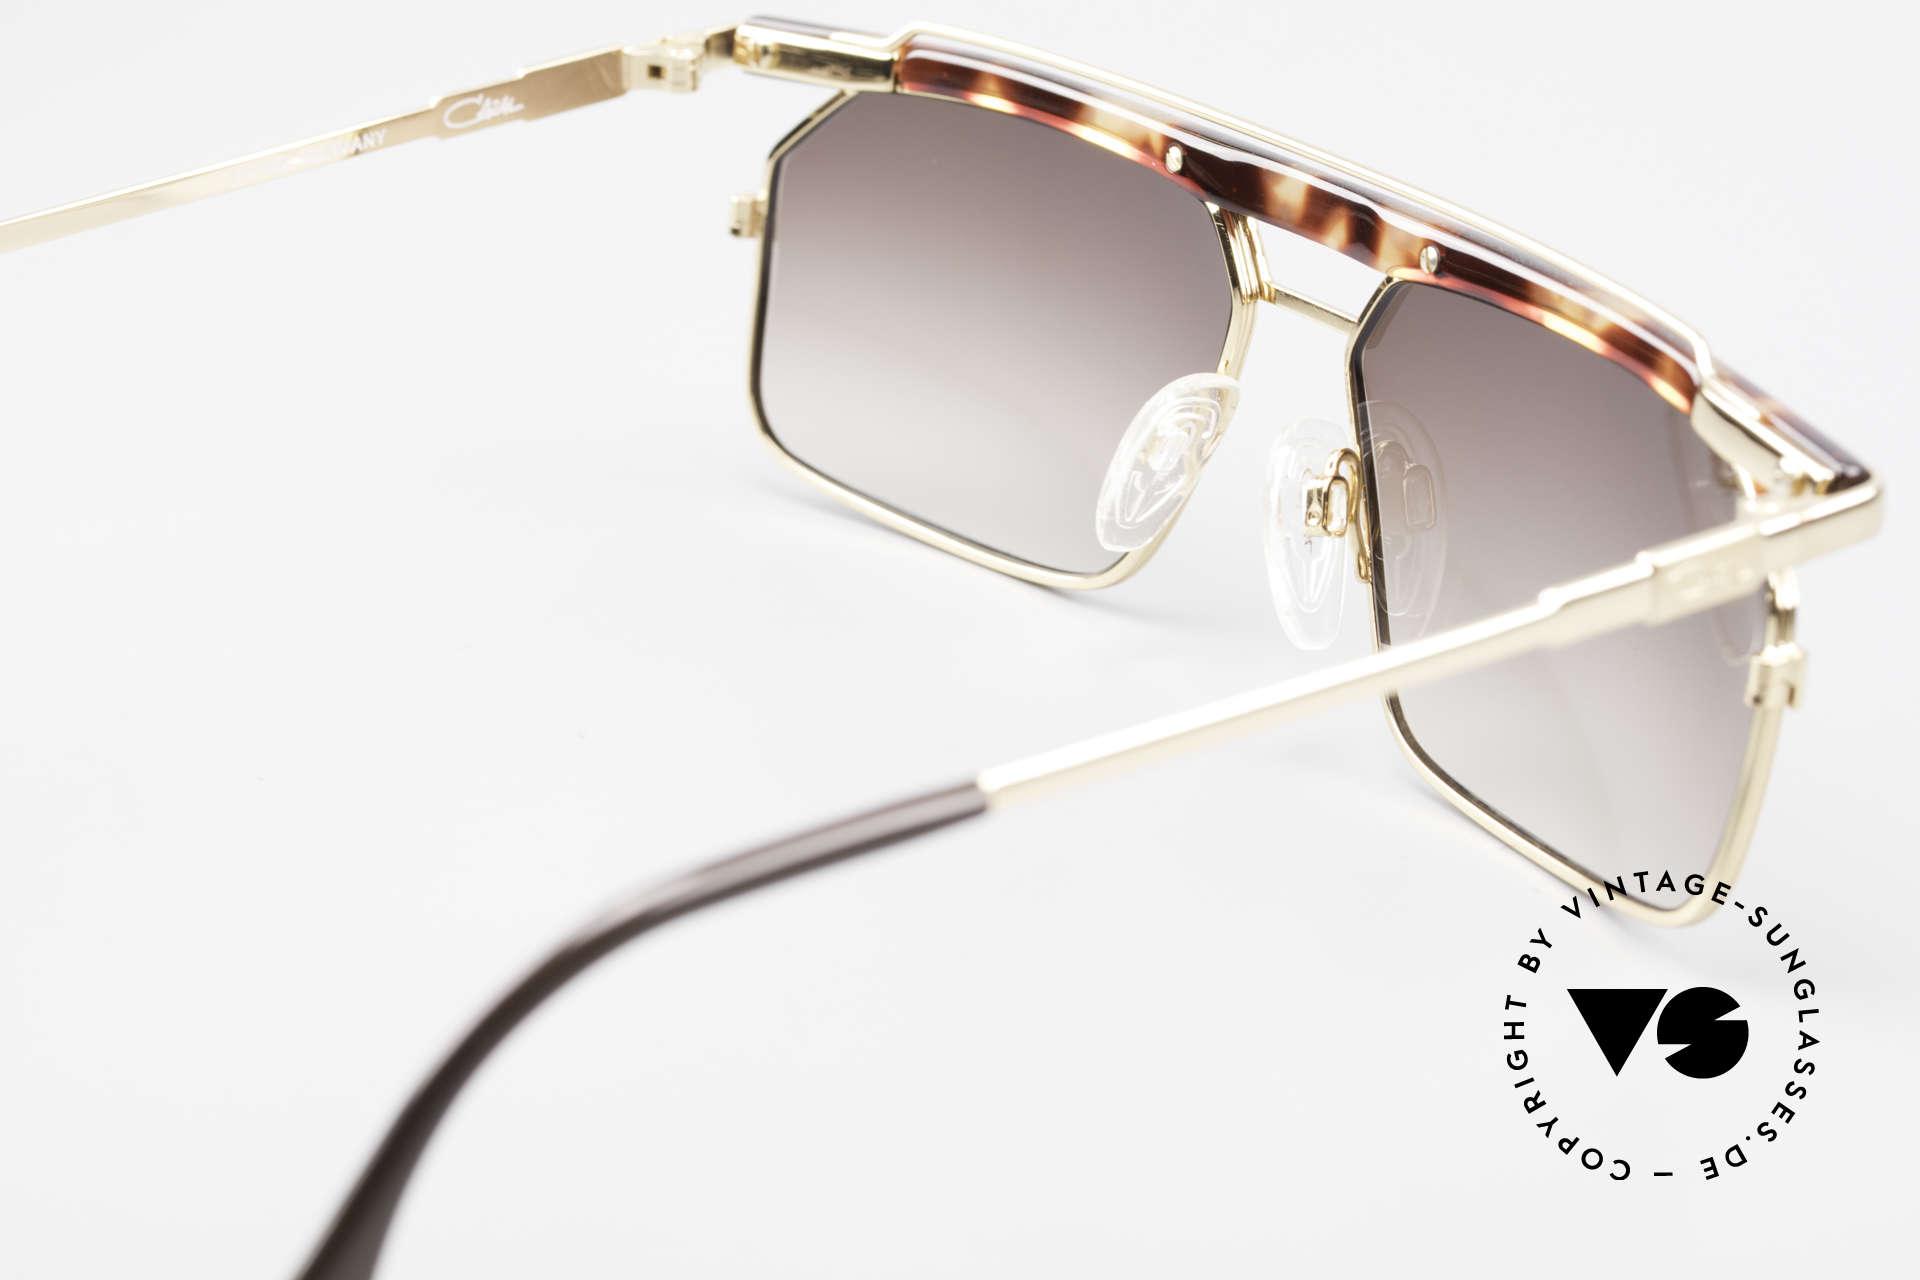 Cazal 752 Markante Vintage Herrenbrille, ungetragen (wie alle unsere vintage CAZAL Brillen), Passend für Herren